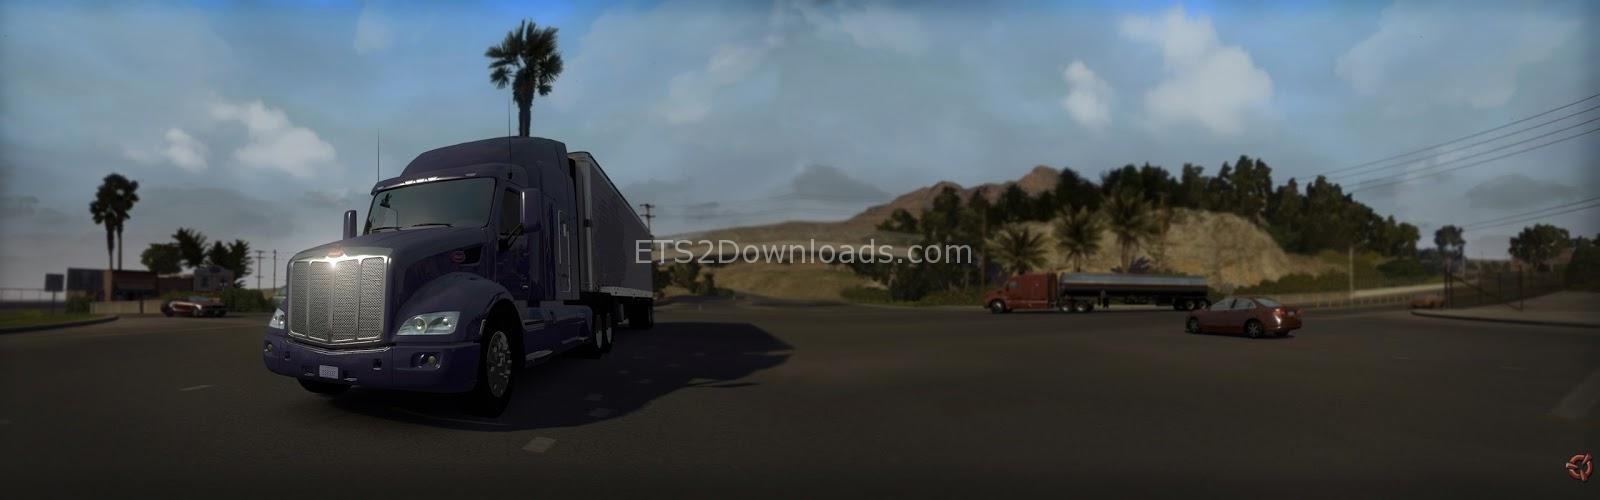 american-truck-simulator-screenshot-16